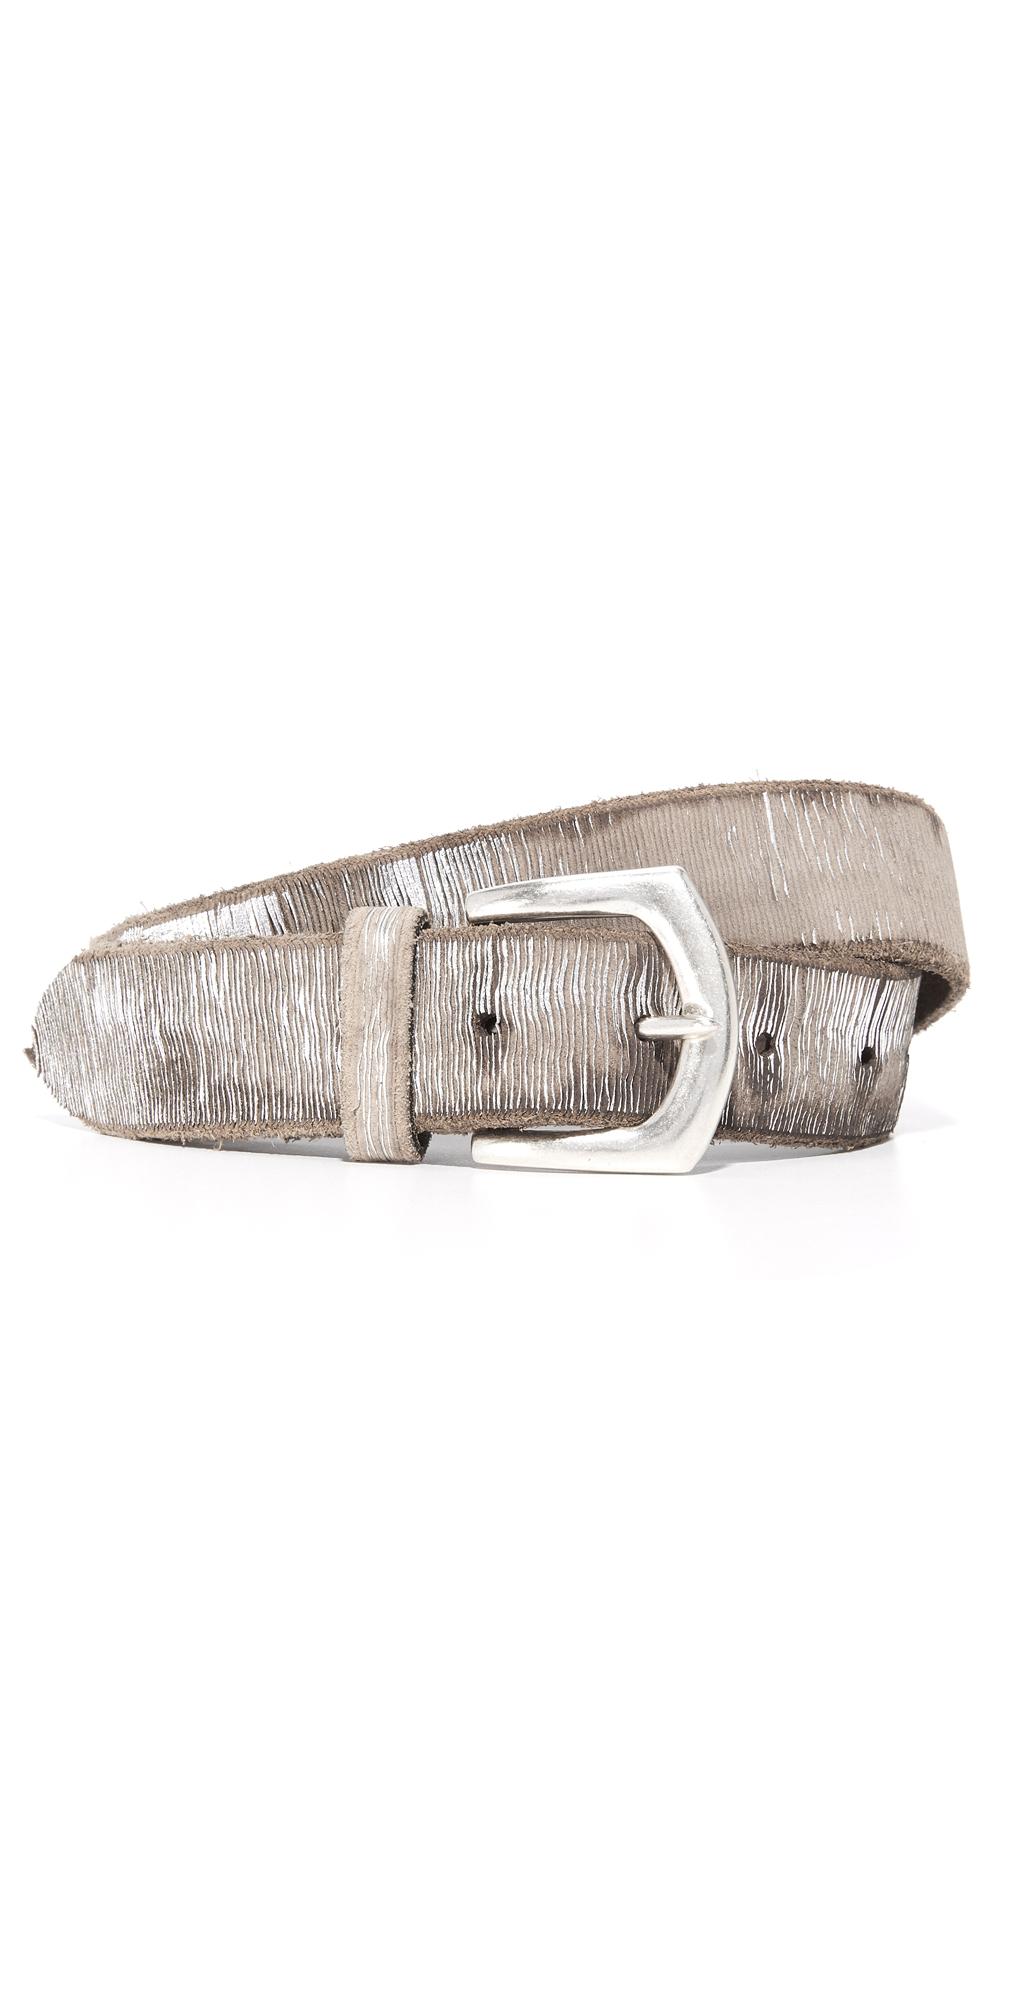 Metallic Twill Print Belt B. Belt